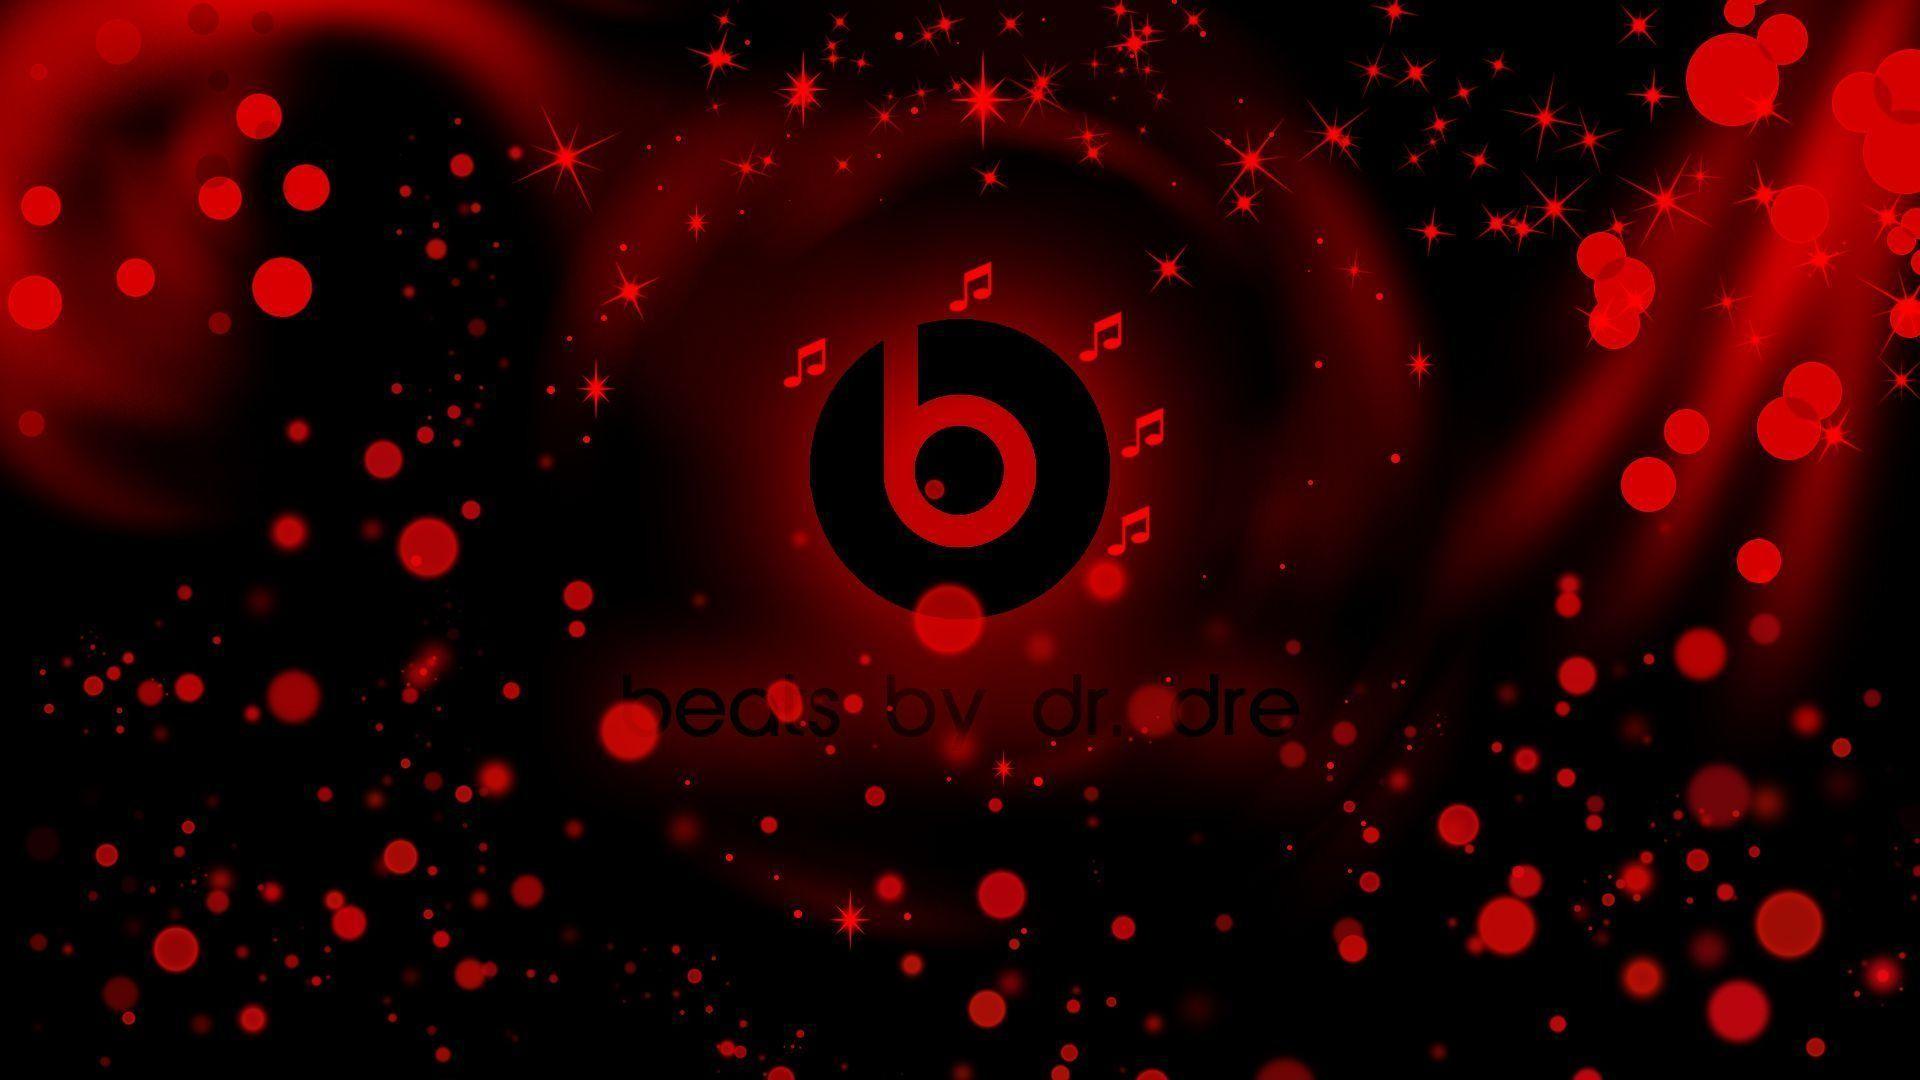 Beats By Dre Wallpaper 1